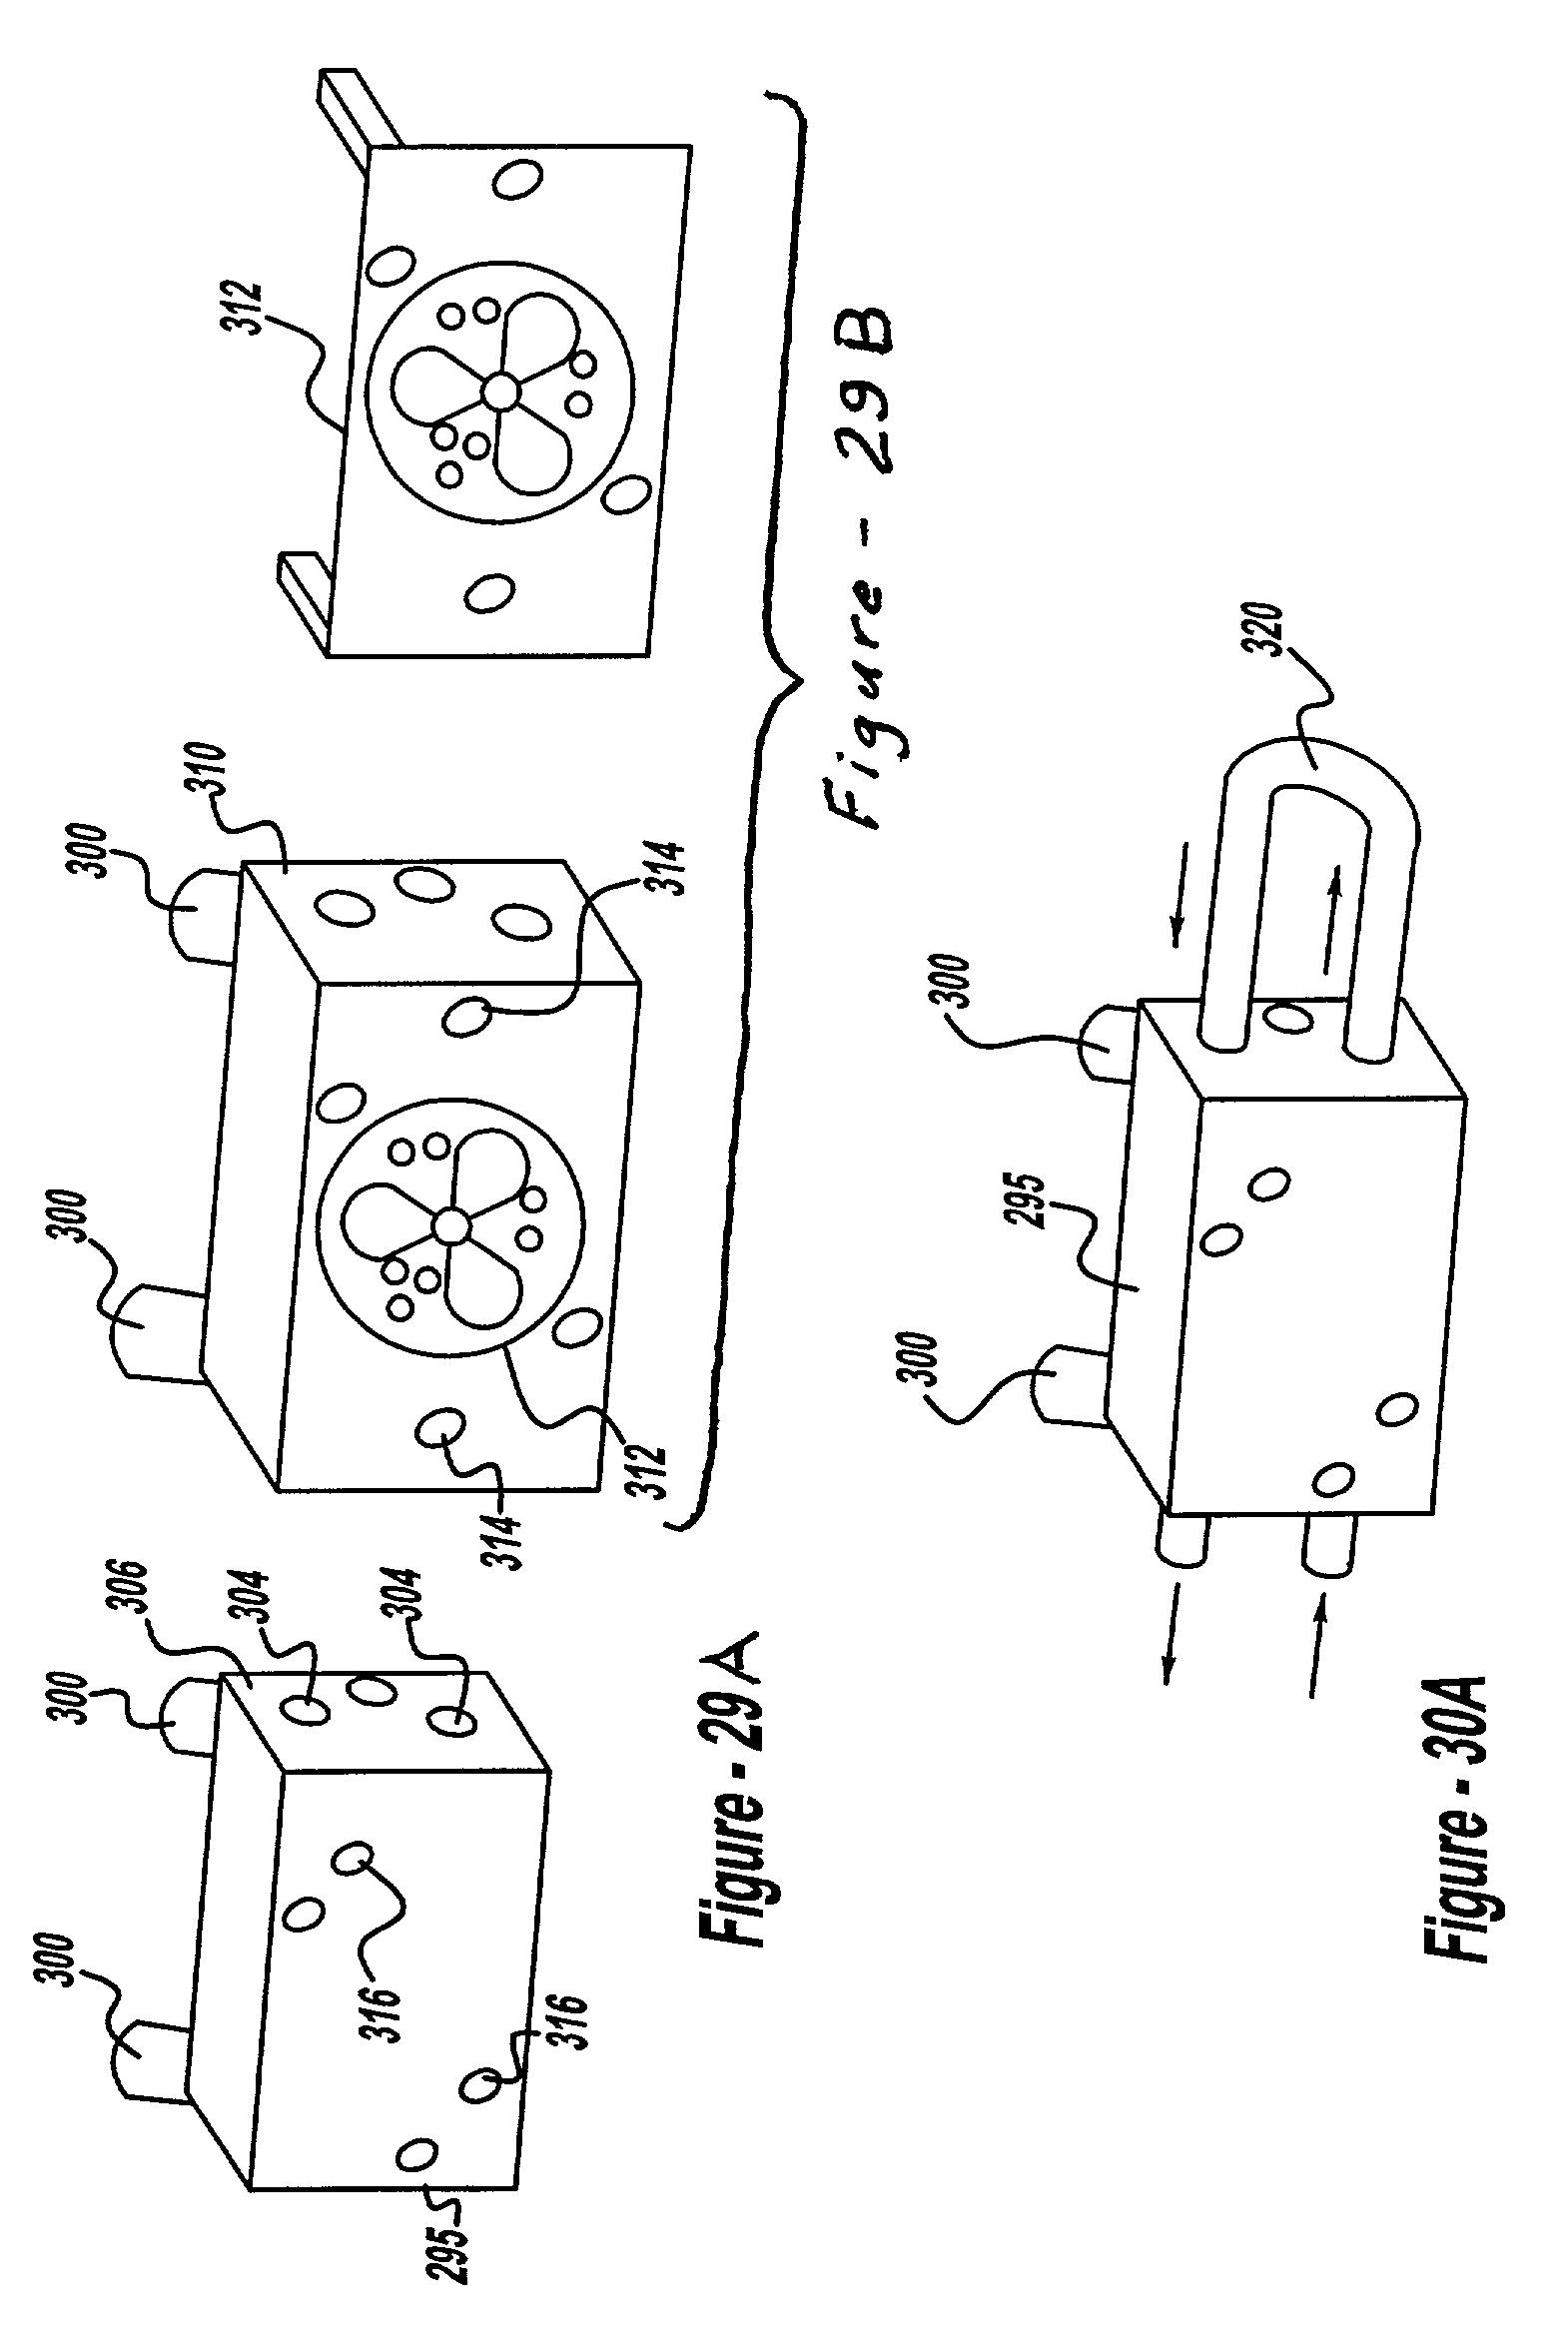 patent us7028791